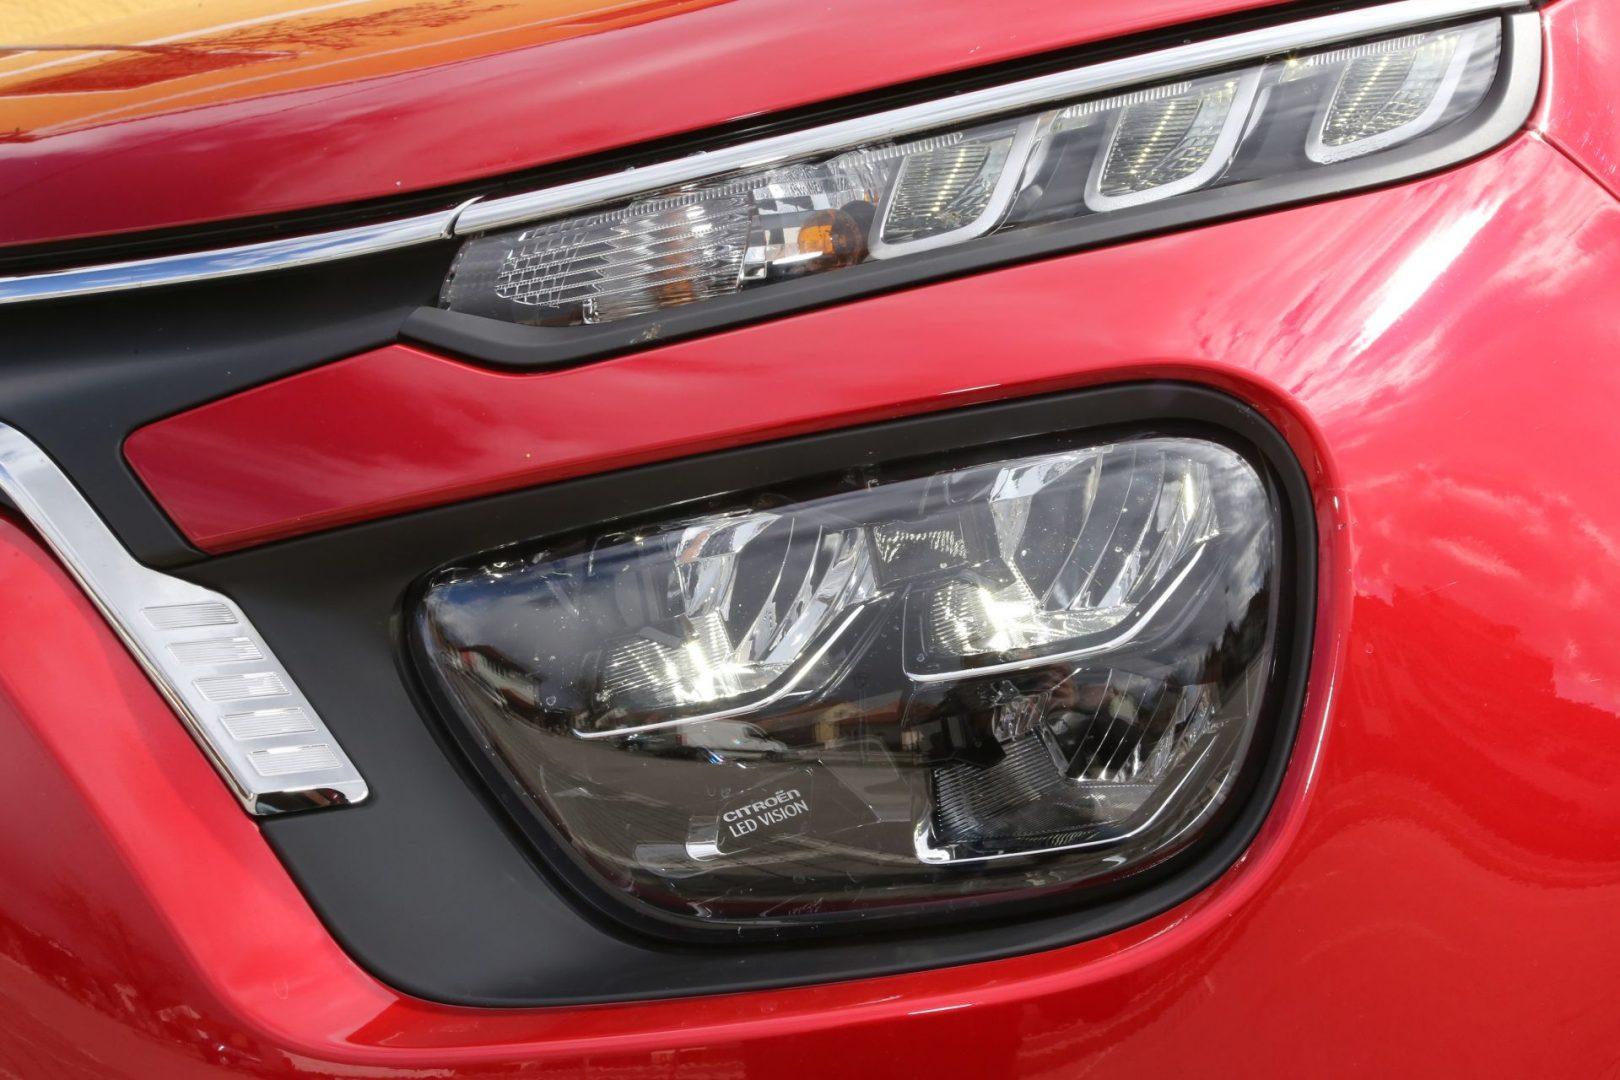 LED Vision svjetla su standardna oprema, dok LED dnevna svjetla dolaze od druge kategorije serijske opreme na više